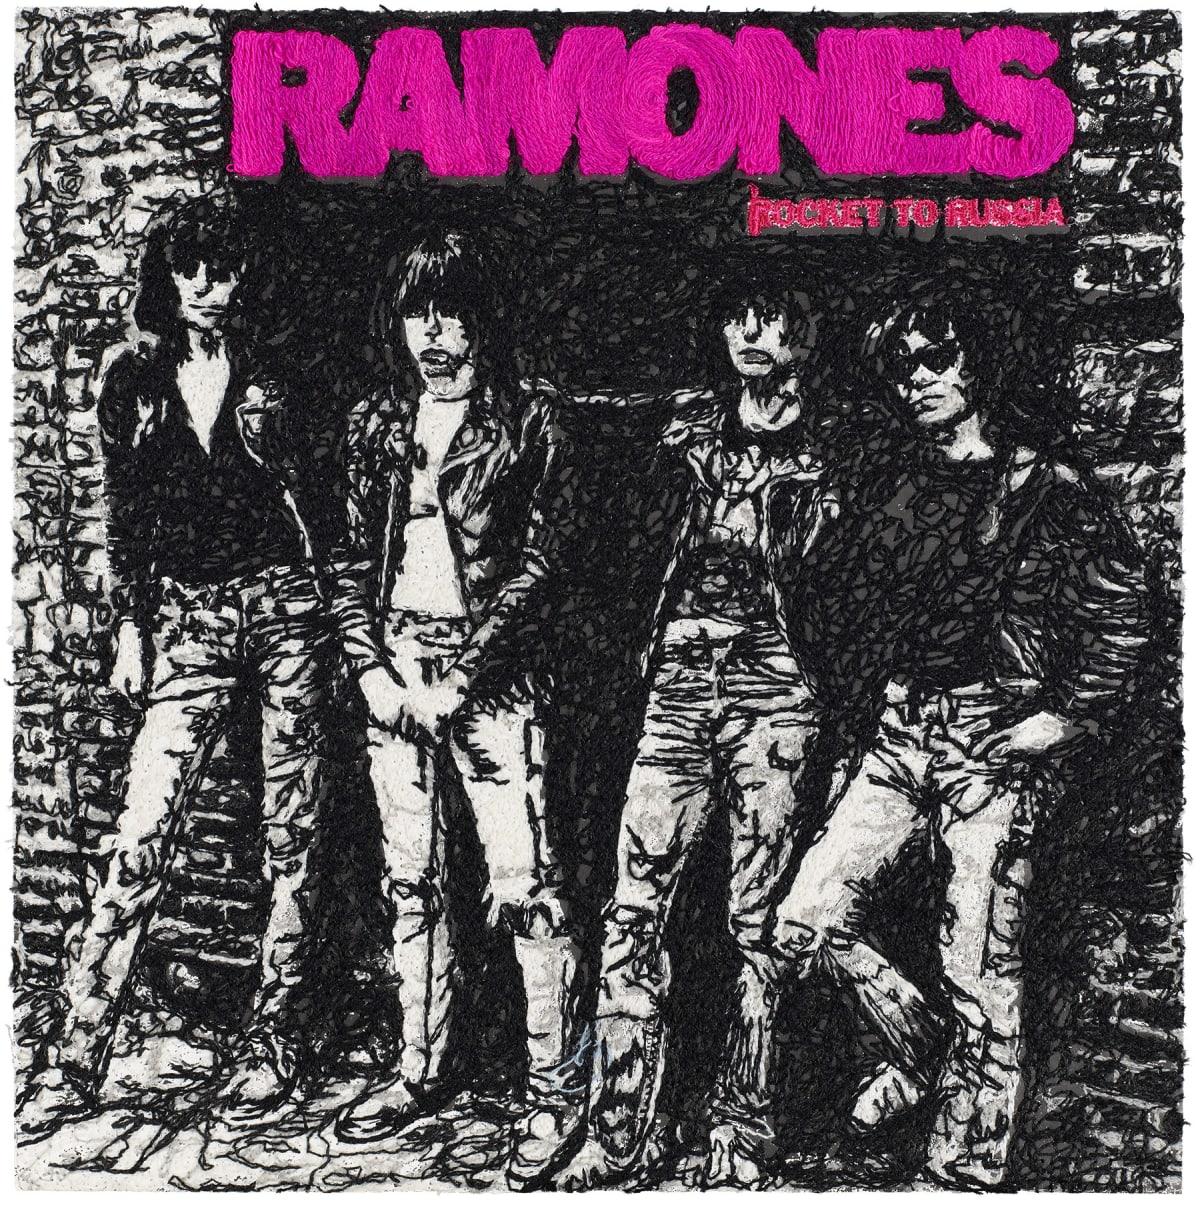 Stephen Wilson, Rocket to Russia, Ramones , 2019